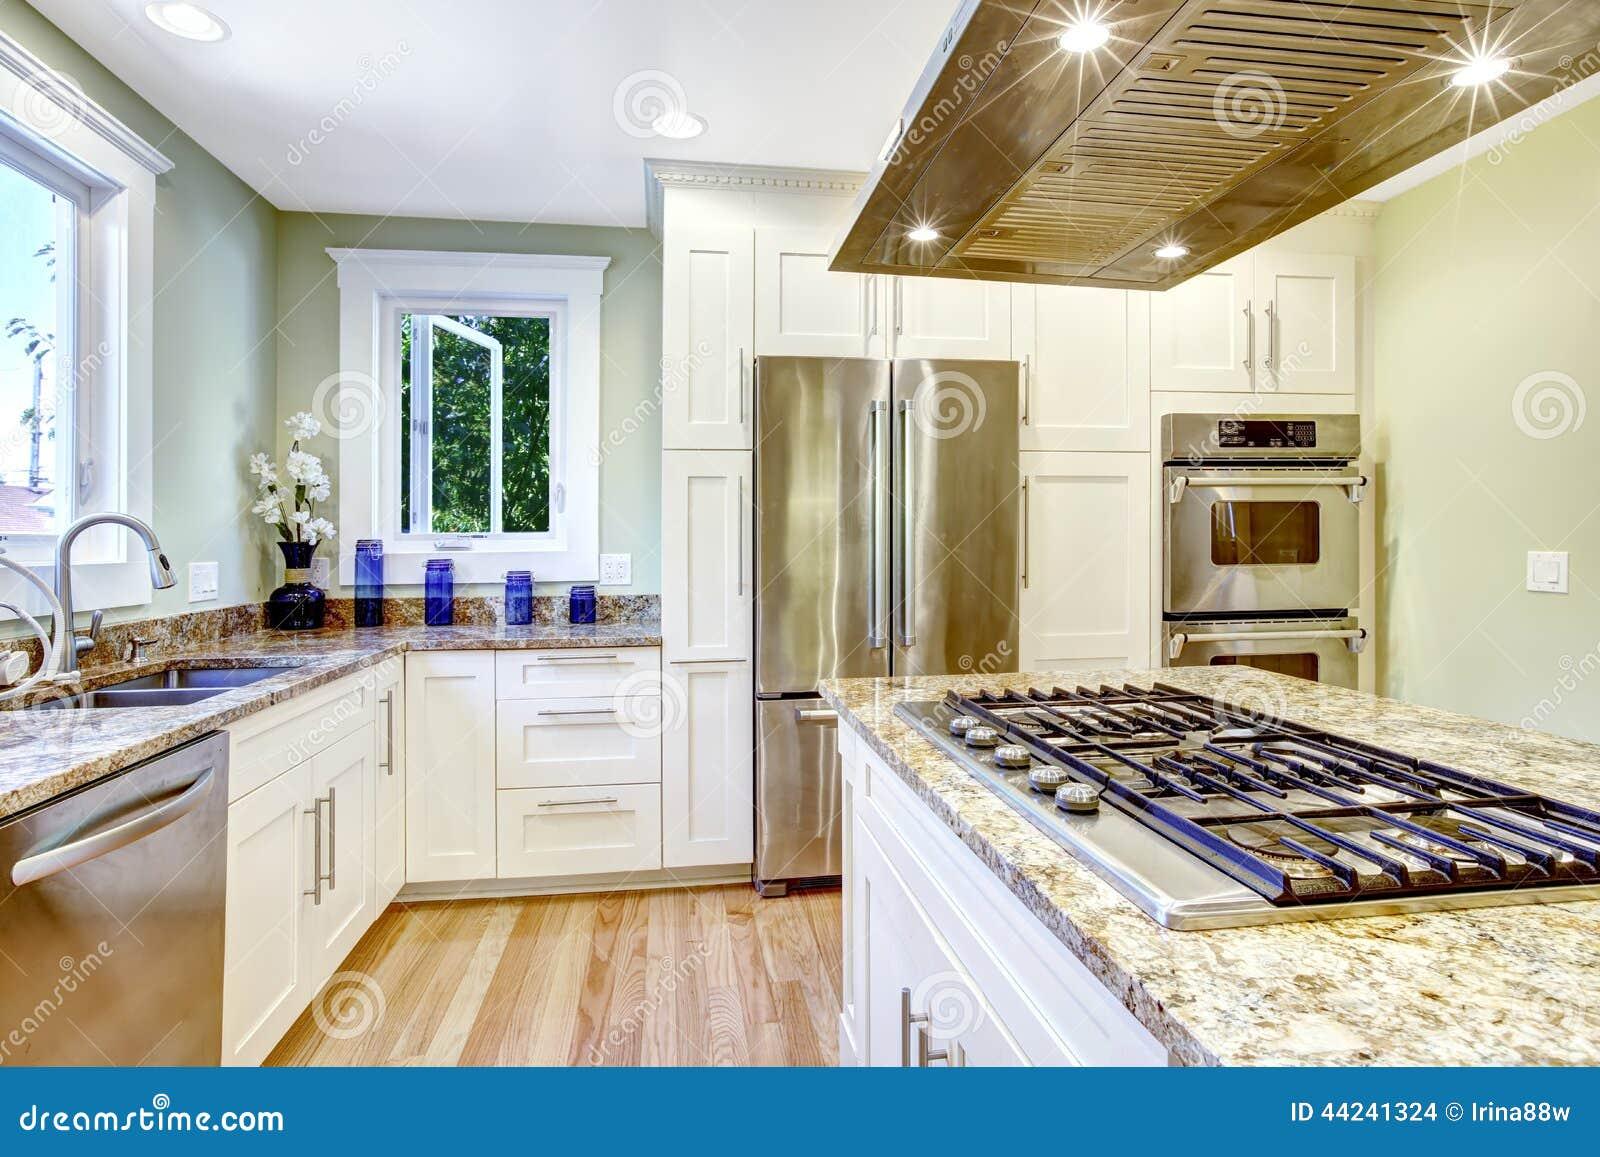 Kücheninsel Mit Eingebautem Ofen, Granitspitze Und Haube Stockfoto ...